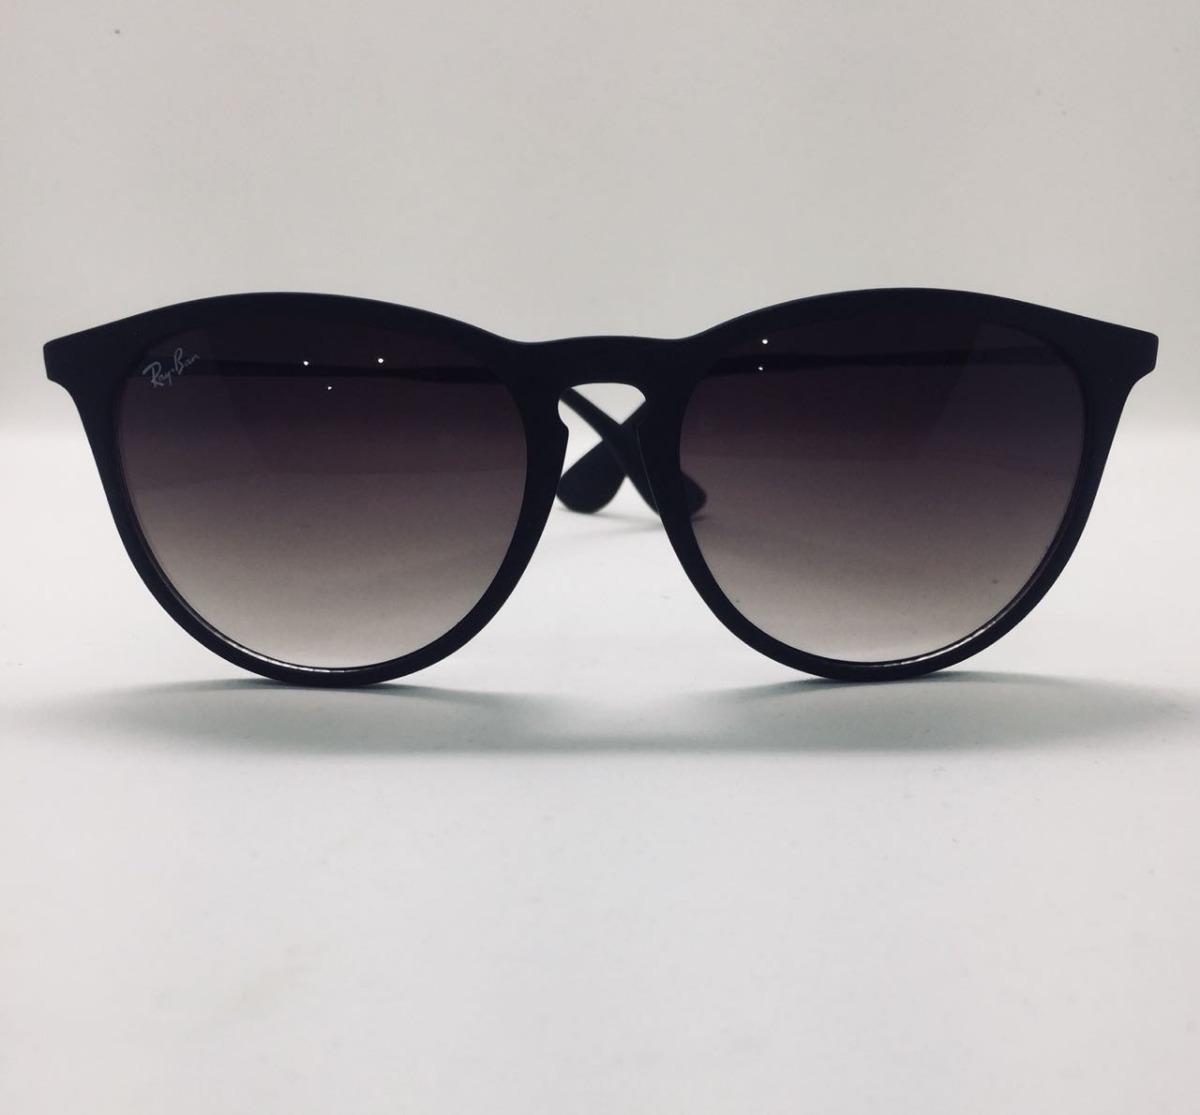 5c3ede374 Óculos Ray Ban Erika Rb 4171 Original Várias Cores - R$ 220,00 em ...